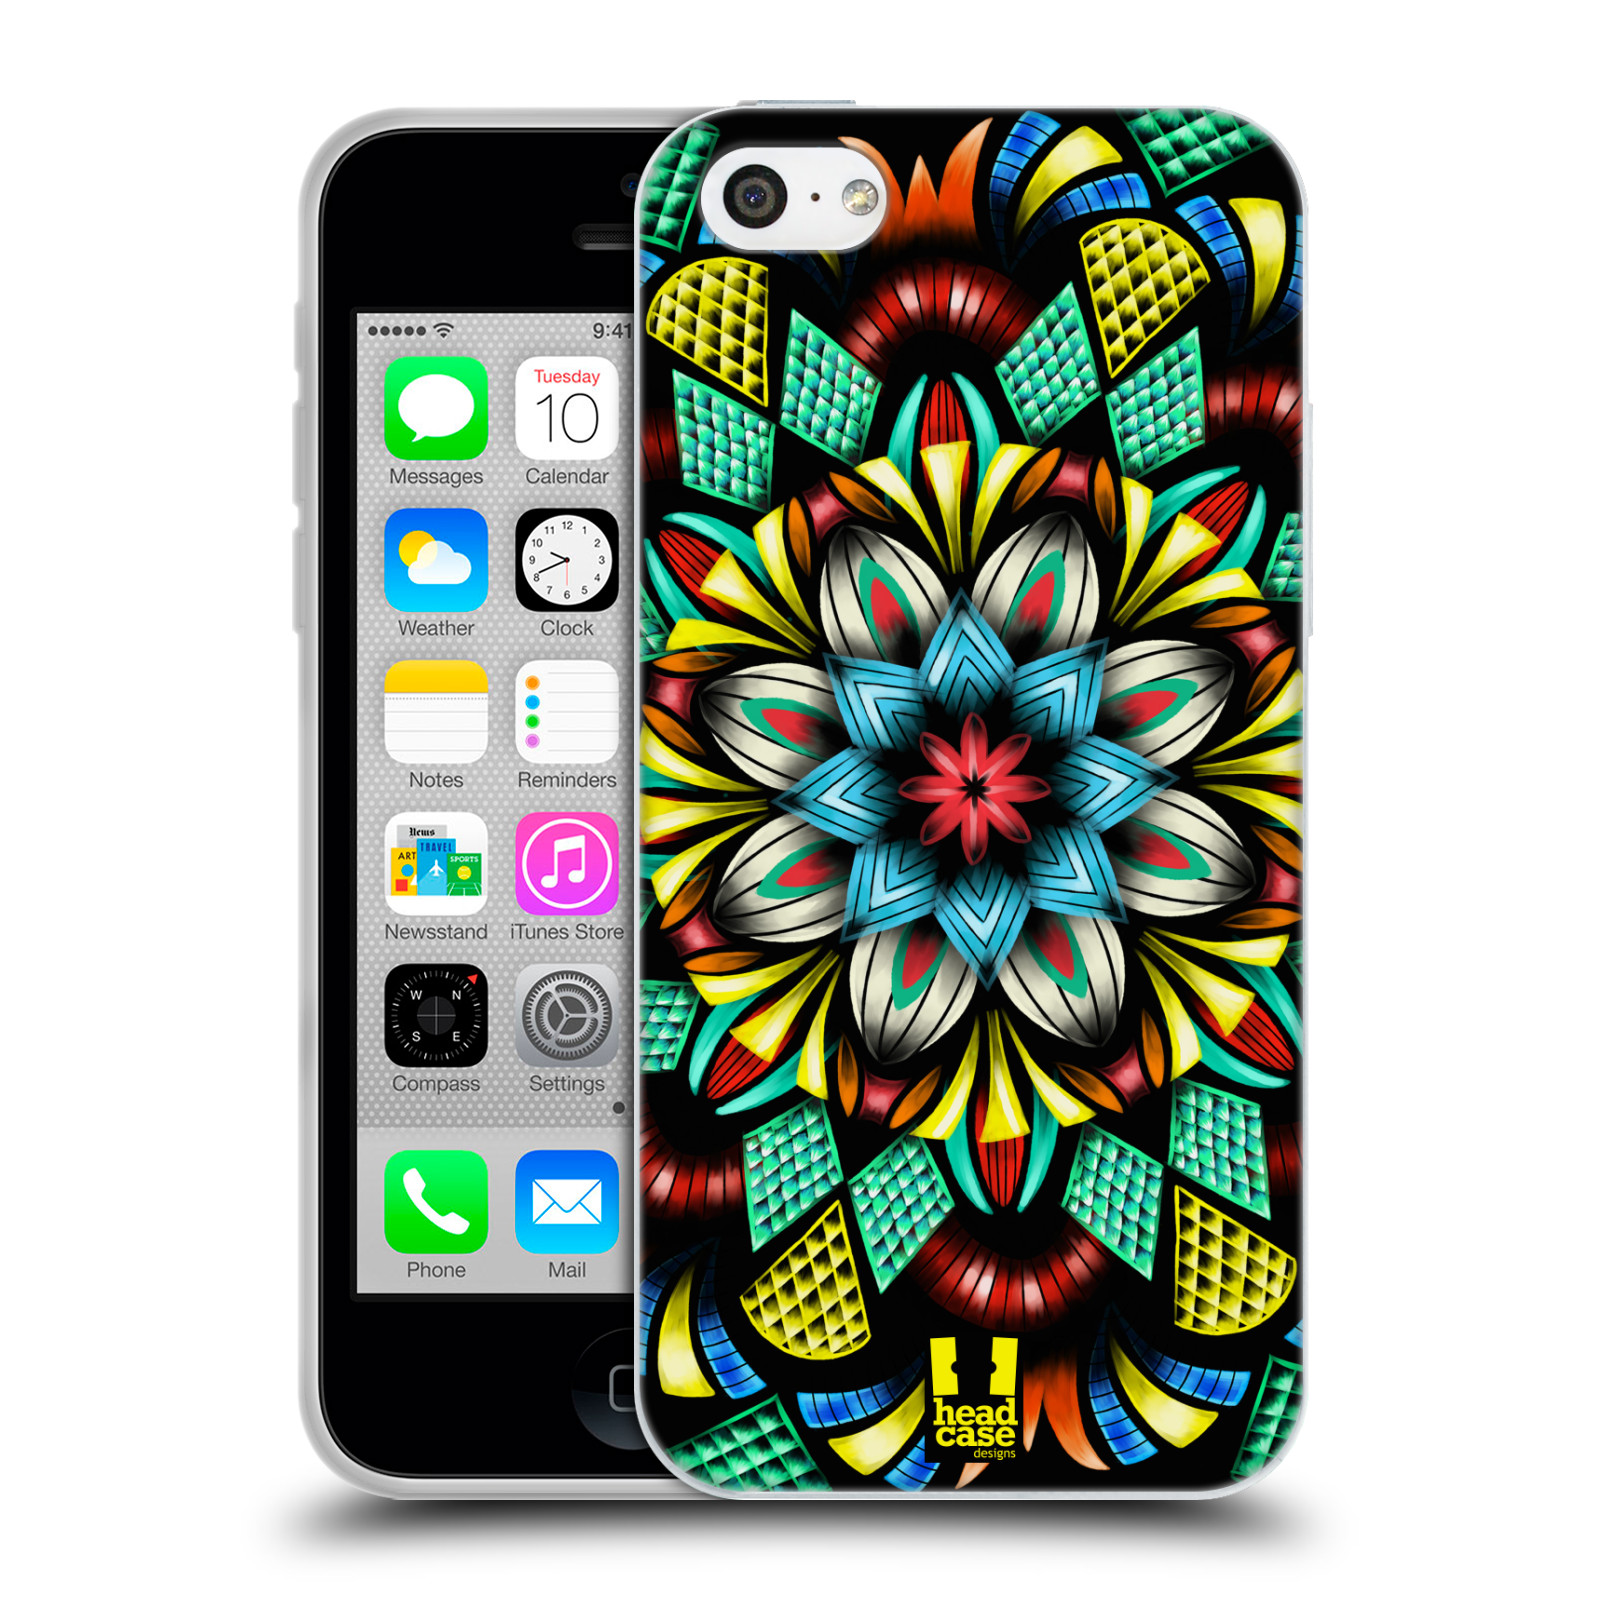 HEAD CASE silikonový obal na mobil Apple Iphone 5C vzor Indie Mandala kaleidoskop barevný vzor TRADIČNÍ